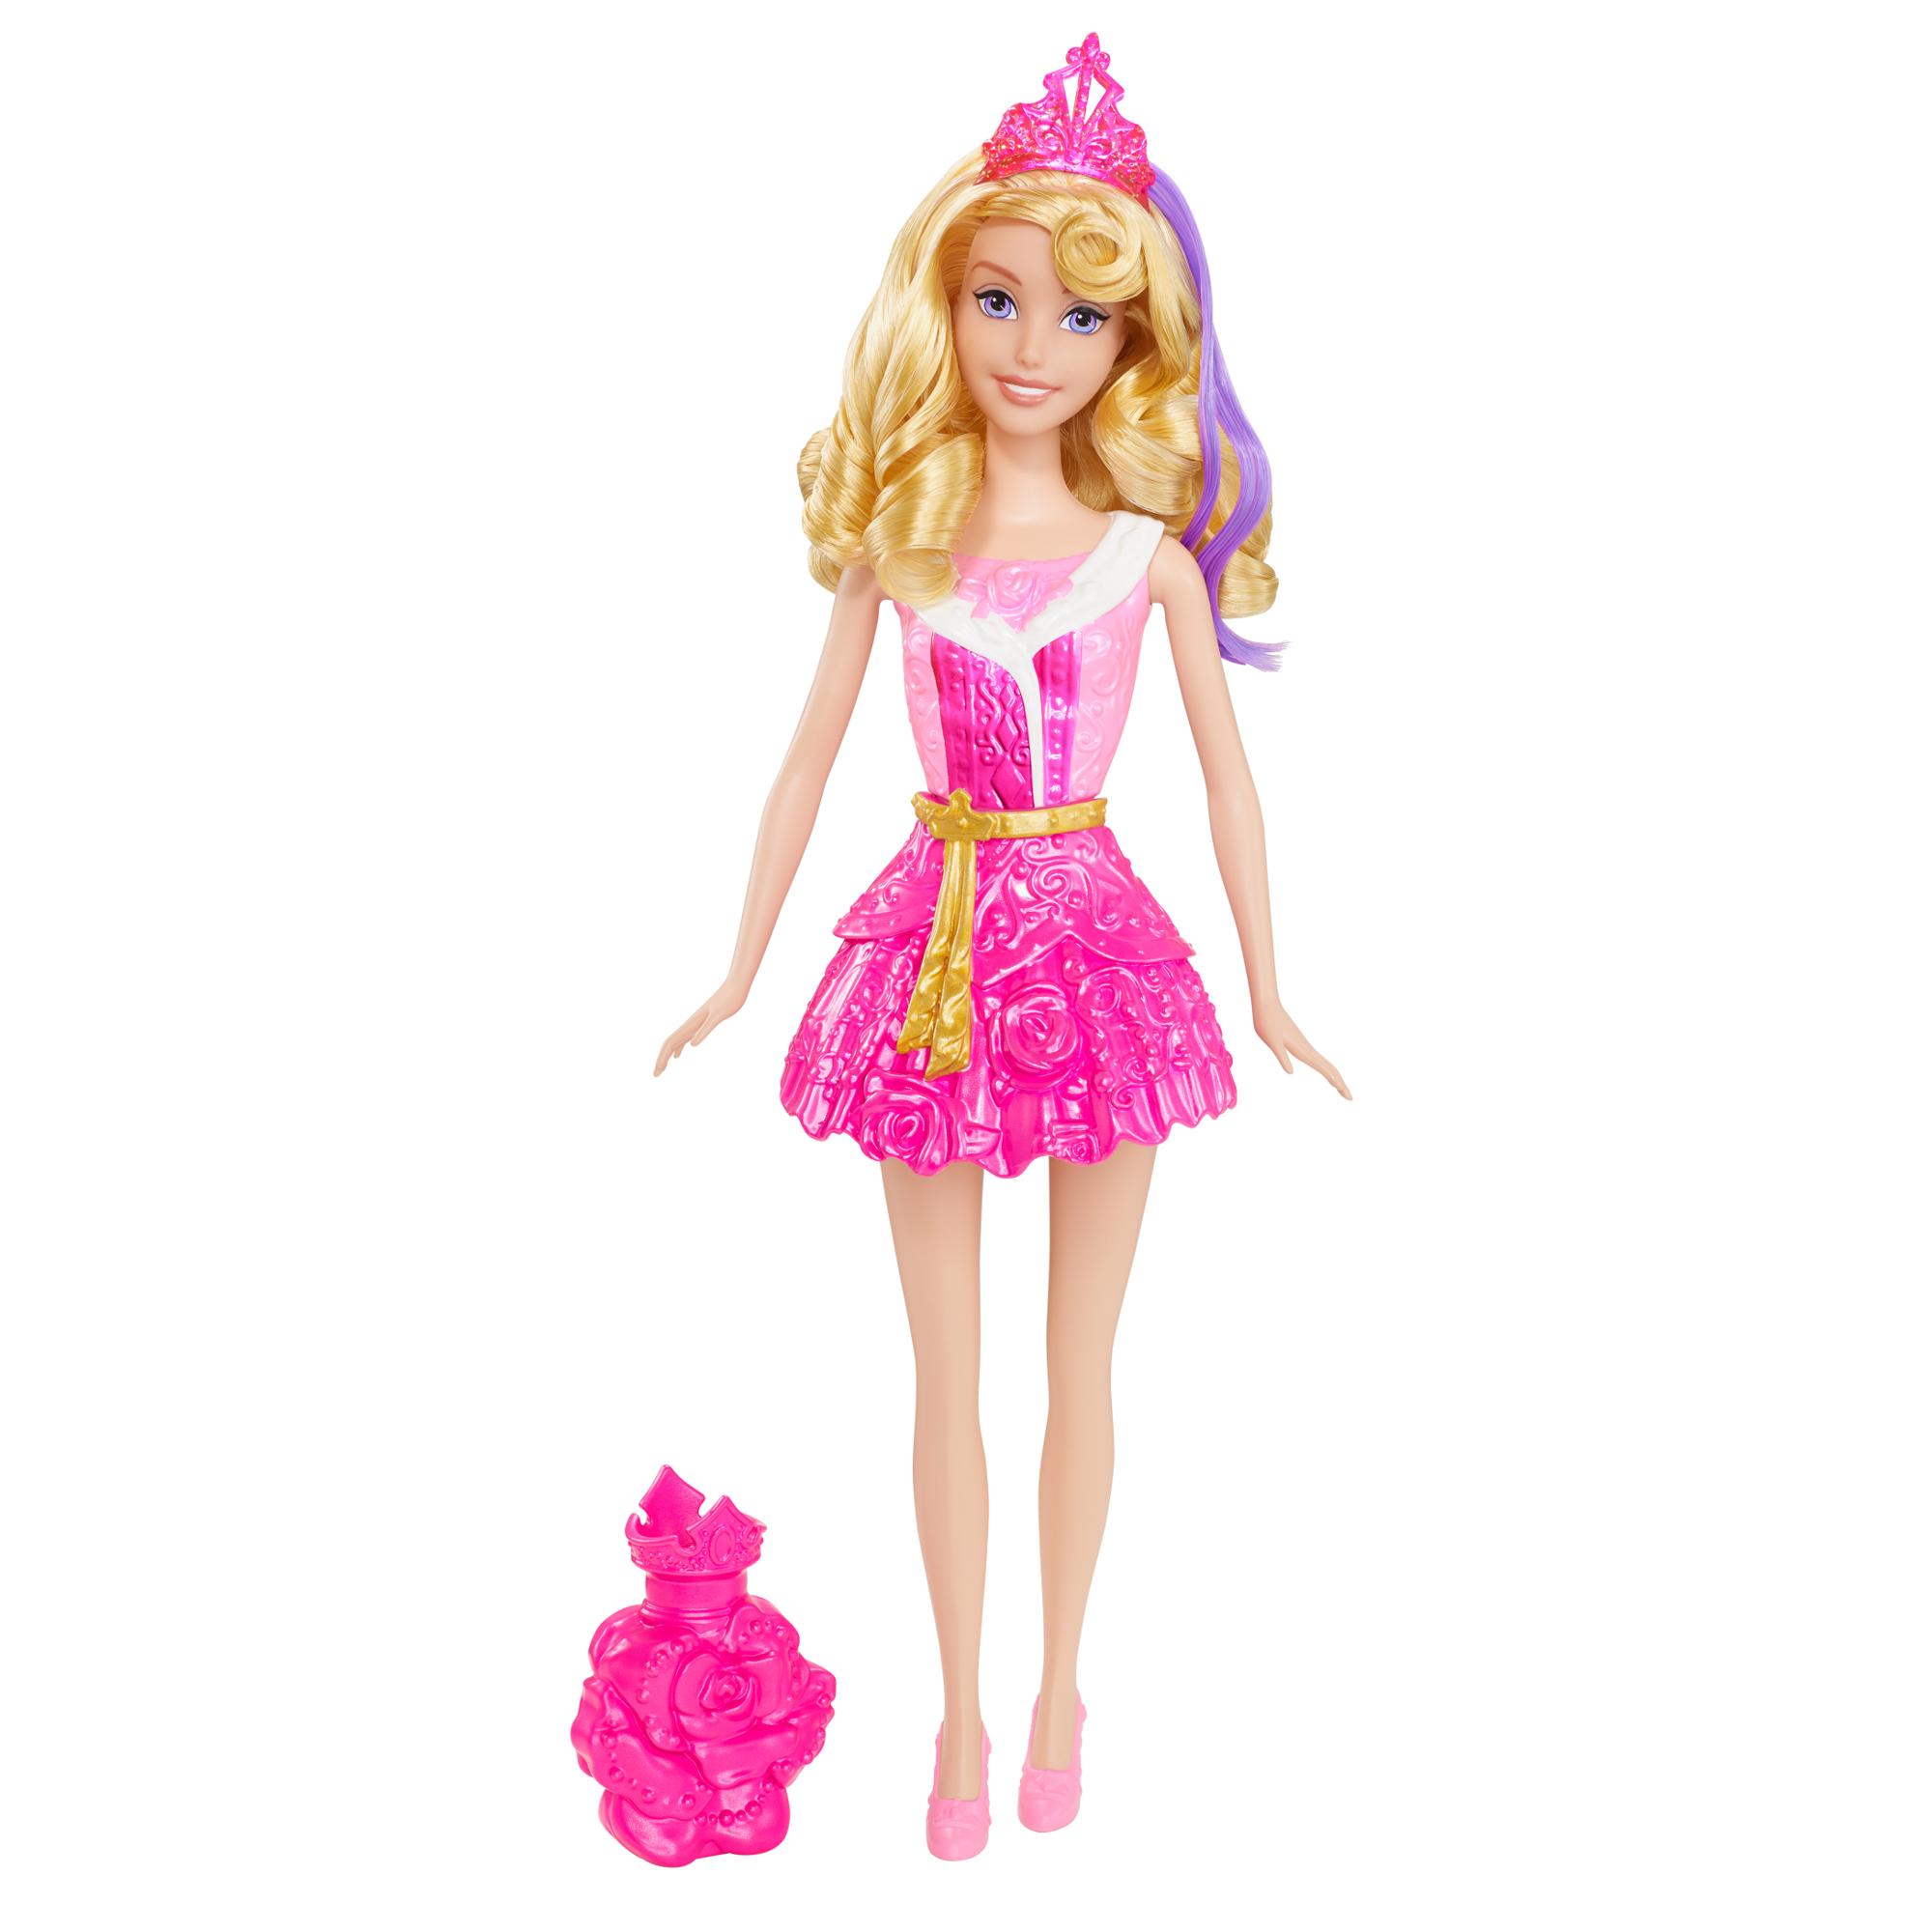 Кукла Аврора - Волшебная водная принцесса, 28 см. от Toyway